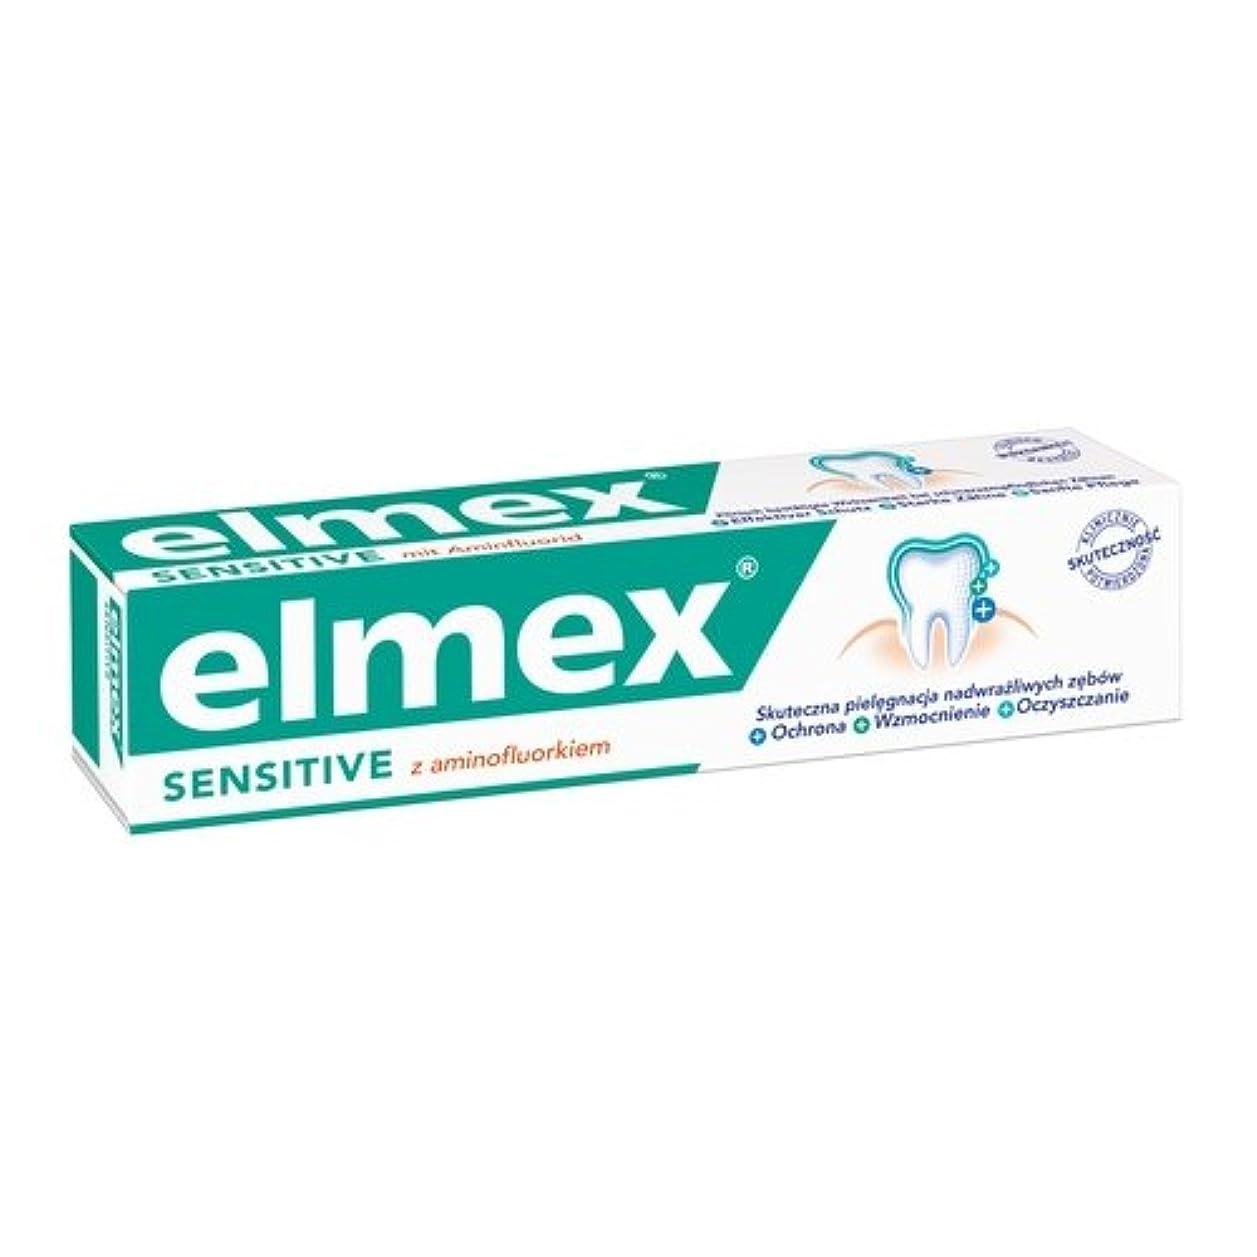 言う小麦散らすエルメックス センシティブ 歯磨き粉 Elmex Sensitive 75ml [並行輸入品]